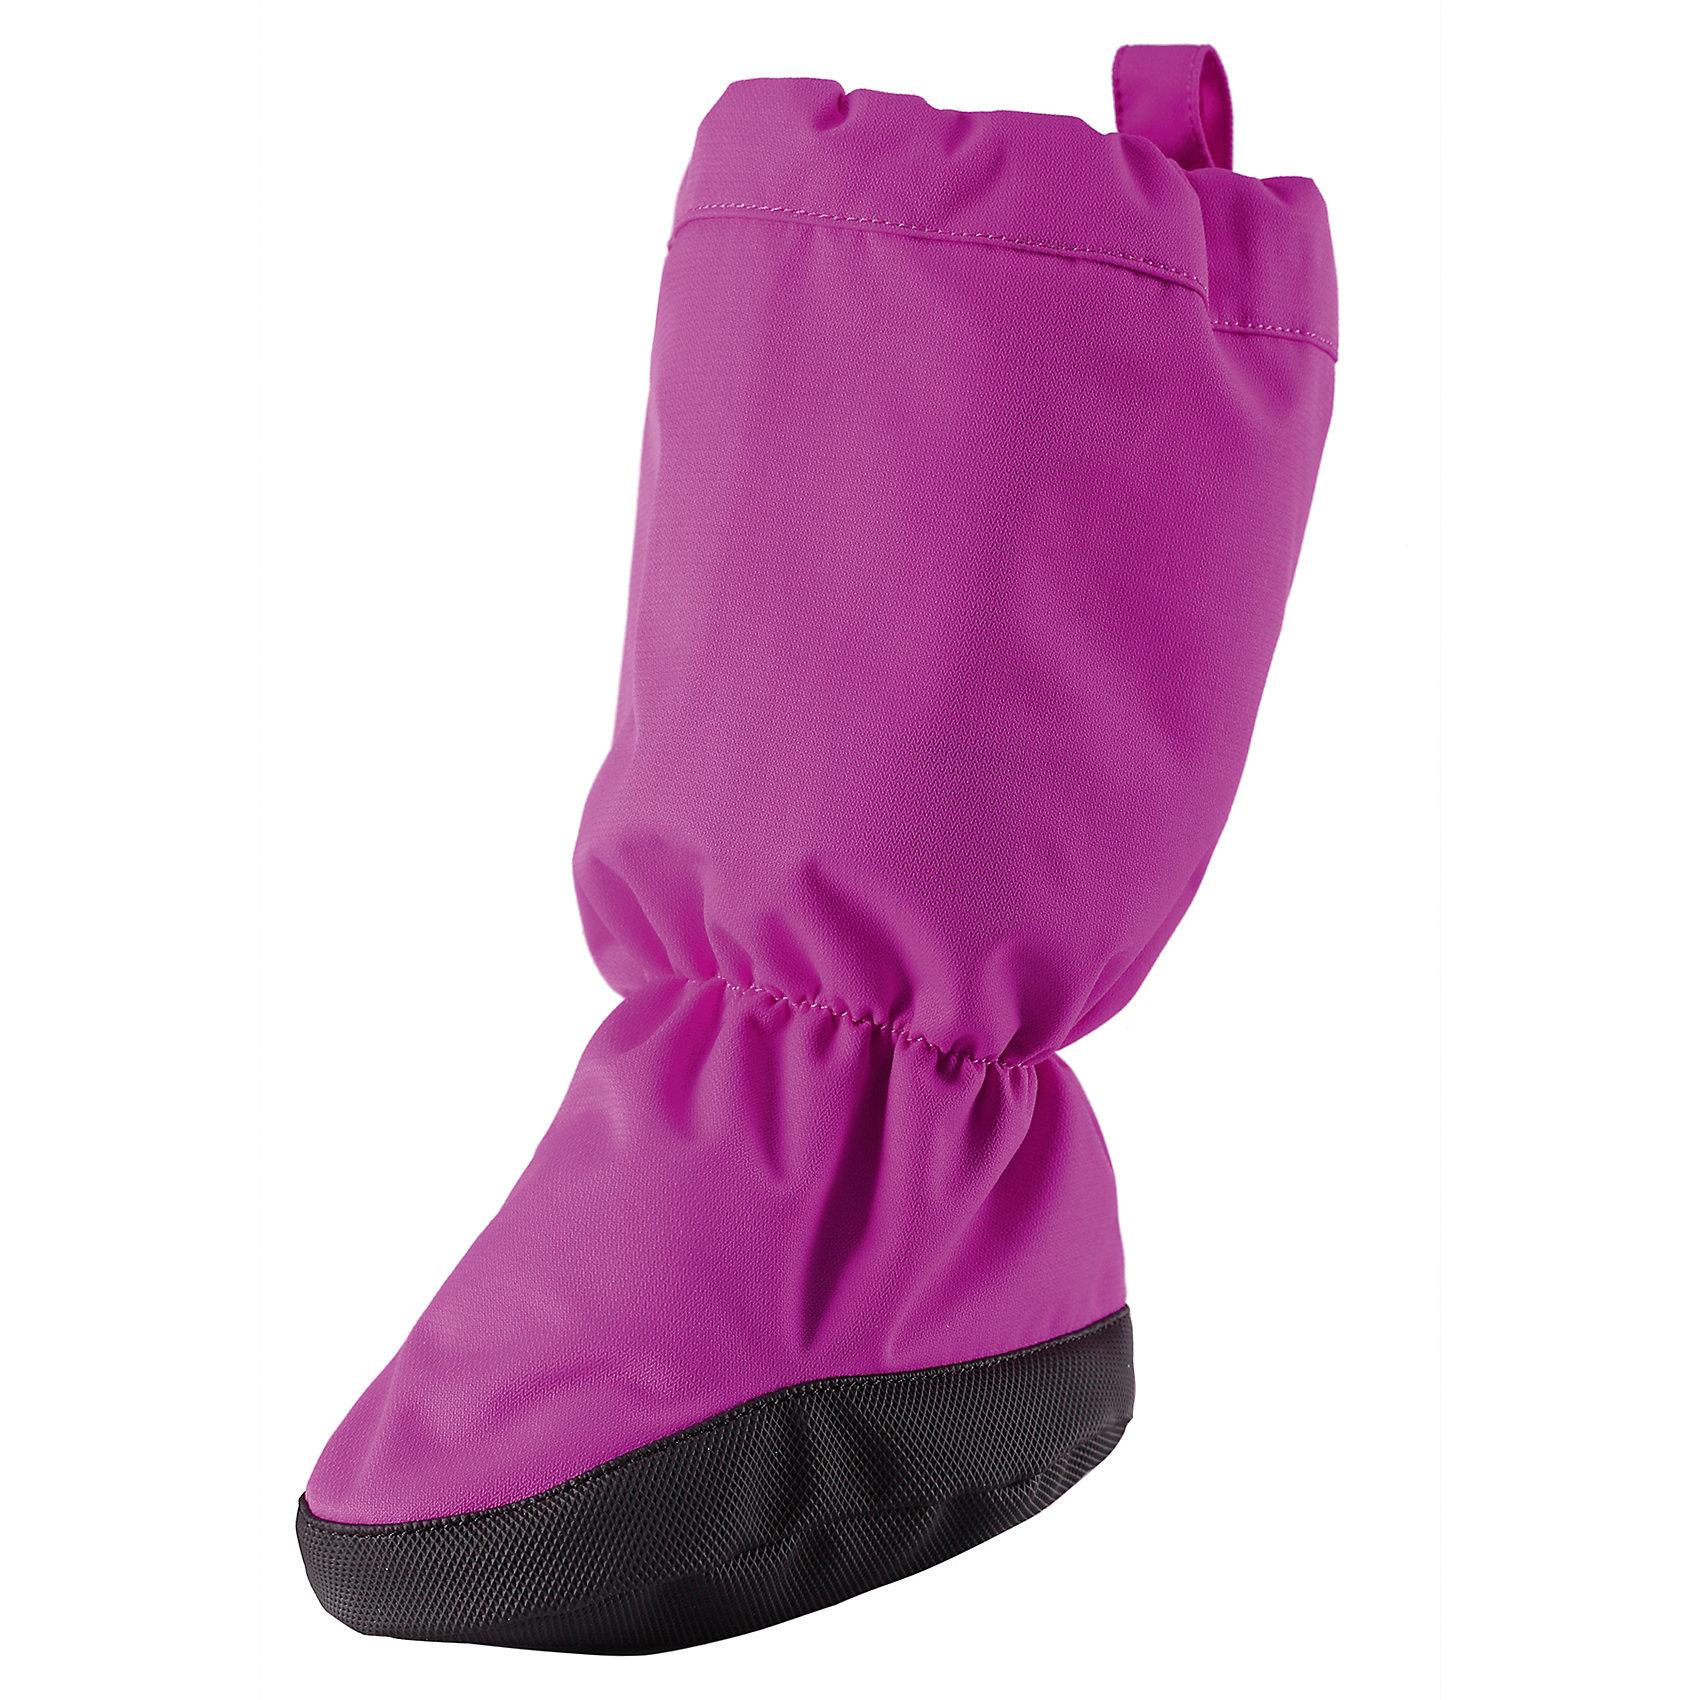 Пинетки для девочки ReimaЭти универсальные, теплые и удобные ботиночки для малышей идеально подходят для прогулок в коляске-люльке и в прогулочной коляске. Ботиночки сделаны из ветро- и водонепроницаемого, грязеотталкивающего материала, который защитит от случайного попадания воды и при мелком дожде. Легко одеваются, благодаря эластичной тесьме по краю и на лодыжках! Противоскользящая подошва понадобится на скользкой поверхности. Обратите внимание, что ботиночки не полностью водонепроницаемы, хотя основной материал именно такой.<br><br>Дополнительная информация:<br><br>Пинетки для малышей<br>Водоотталкивающий, ветронепроницаемый и «дышащий» материал<br>Легкая степень утепления<br>Обратите внимание, что изделие не является полностью водонепроницаемым<br>Антискользящая поверхность подошвы<br>Молния облегчает процесс одевания<br>Состав:<br>100% ПА, ПУ-покрытие<br>Уход:<br>Стирать по отдельности.Стирать моющим средством, не содержащим отбеливающие вещества. Полоскать без специального средства. Сушение в сушильном шкафу разрешено при  низкой температуре.<br><br>Ширина мм: 152<br>Глубина мм: 126<br>Высота мм: 93<br>Вес г: 242<br>Цвет: розовый<br>Возраст от месяцев: 0<br>Возраст до месяцев: 12<br>Пол: Женский<br>Возраст: Детский<br>Размер: 0,1,2<br>SKU: 4498085